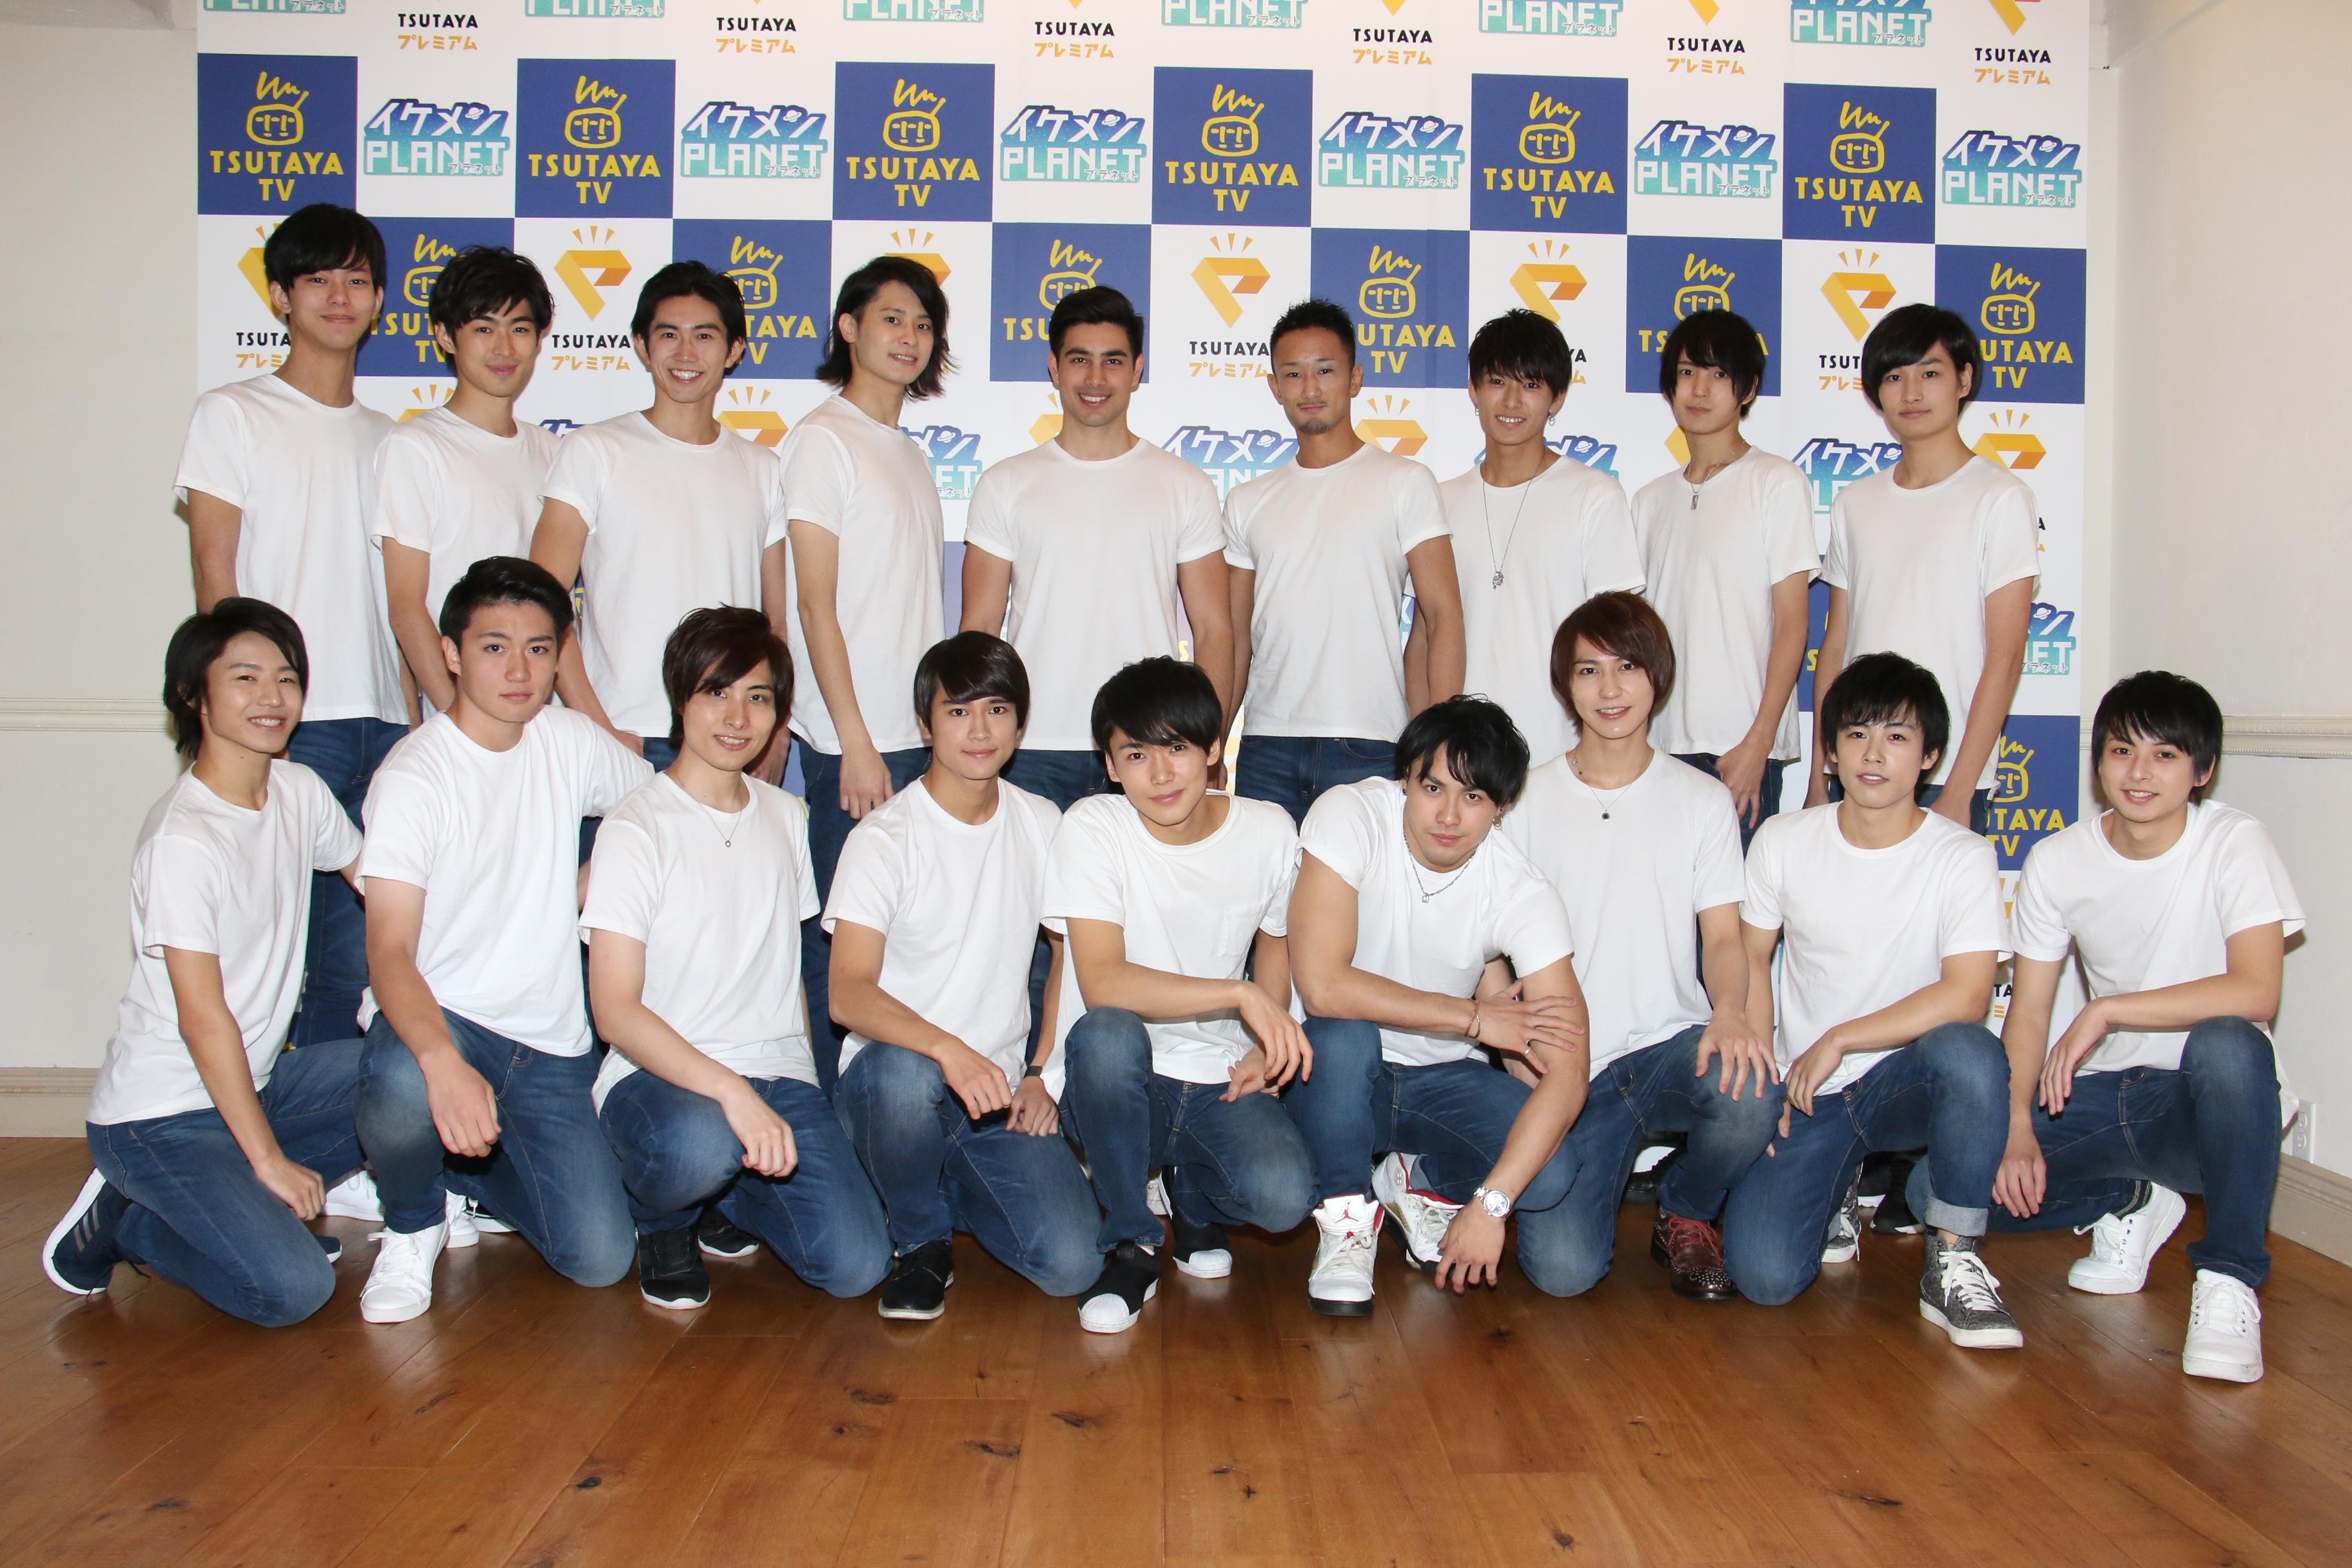 https://www.ccc.co.jp/news/img/ikepala_ikemen.jpg